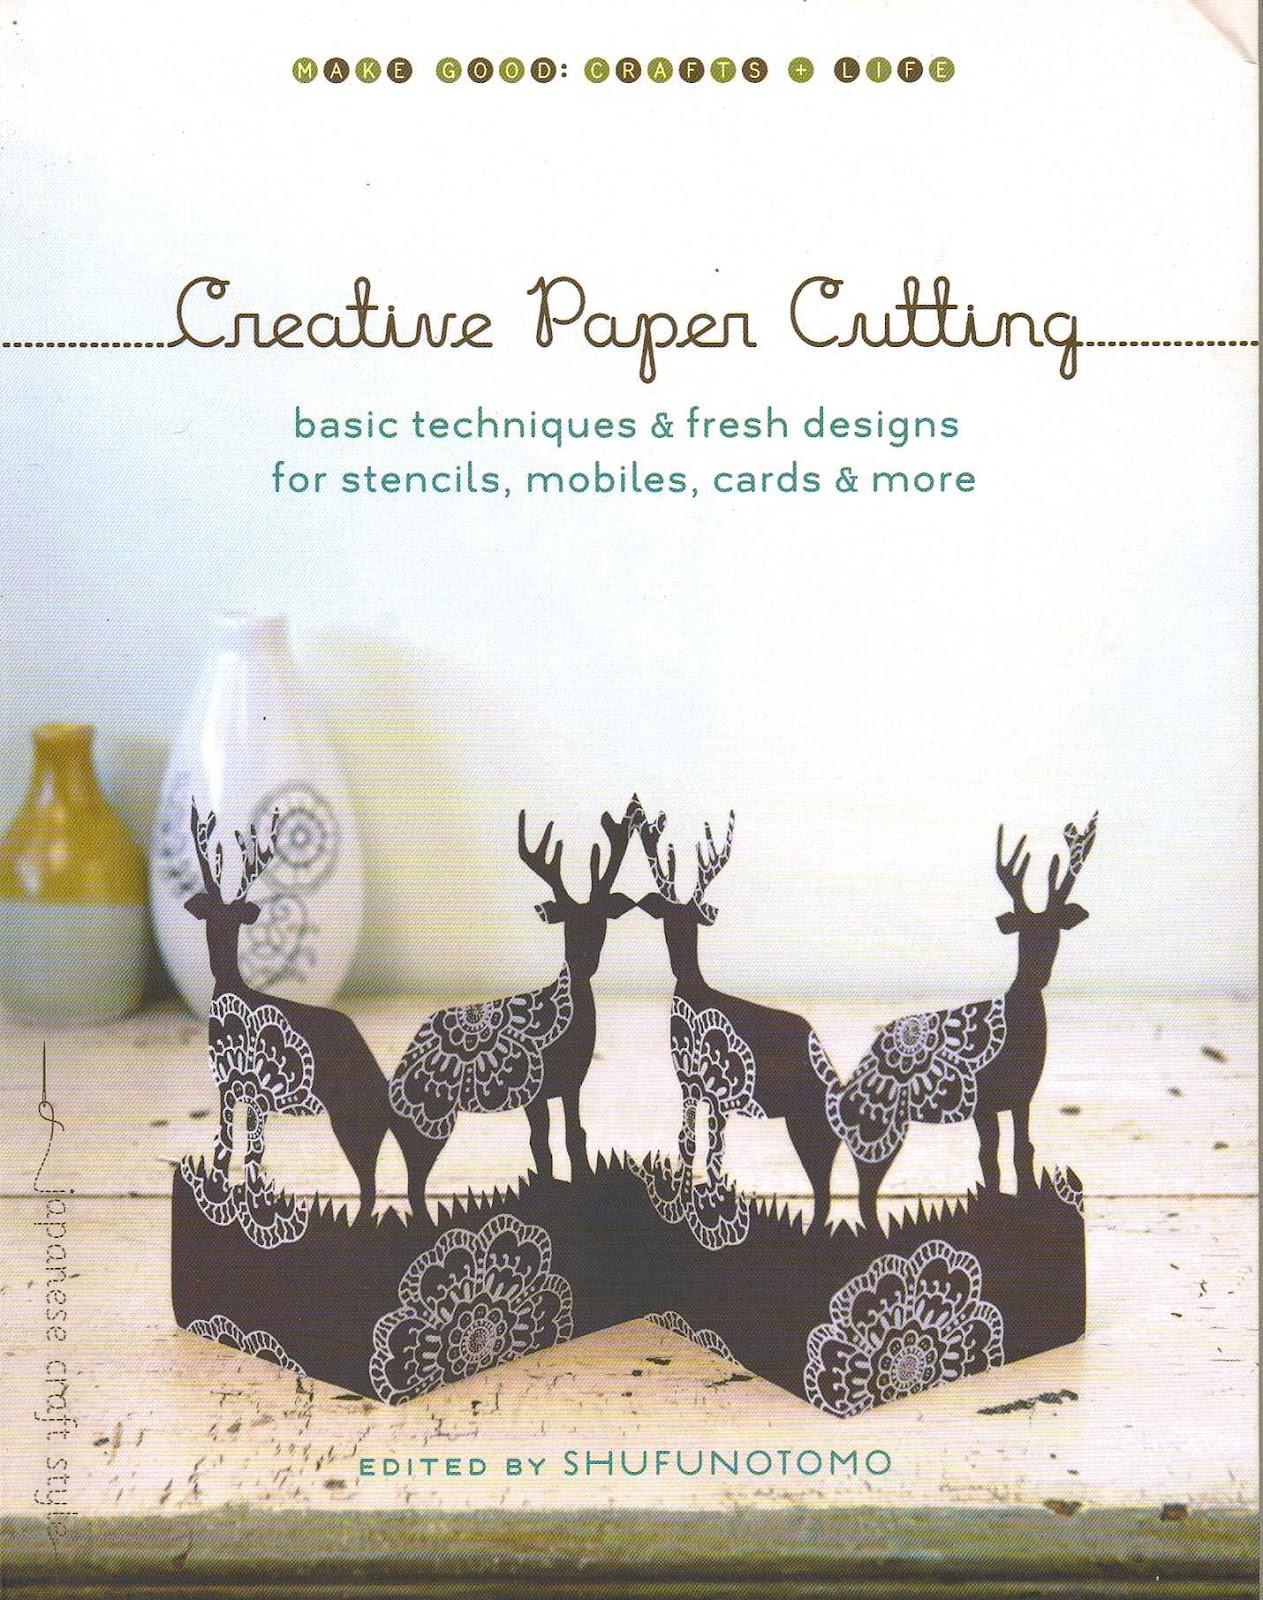 http://1.bp.blogspot.com/-S-Yw4wQbSFY/TzlrlHzo2AI/AAAAAAAAAsk/uUcu6SQHeEU/s1600/wk+7+Creative+Paper+Cutting.jpg